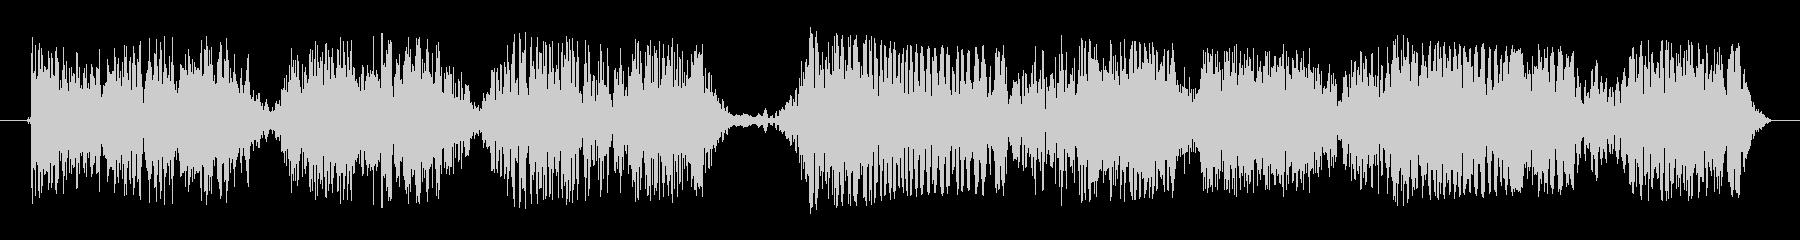 断続的な静的干渉スワイプ8の未再生の波形